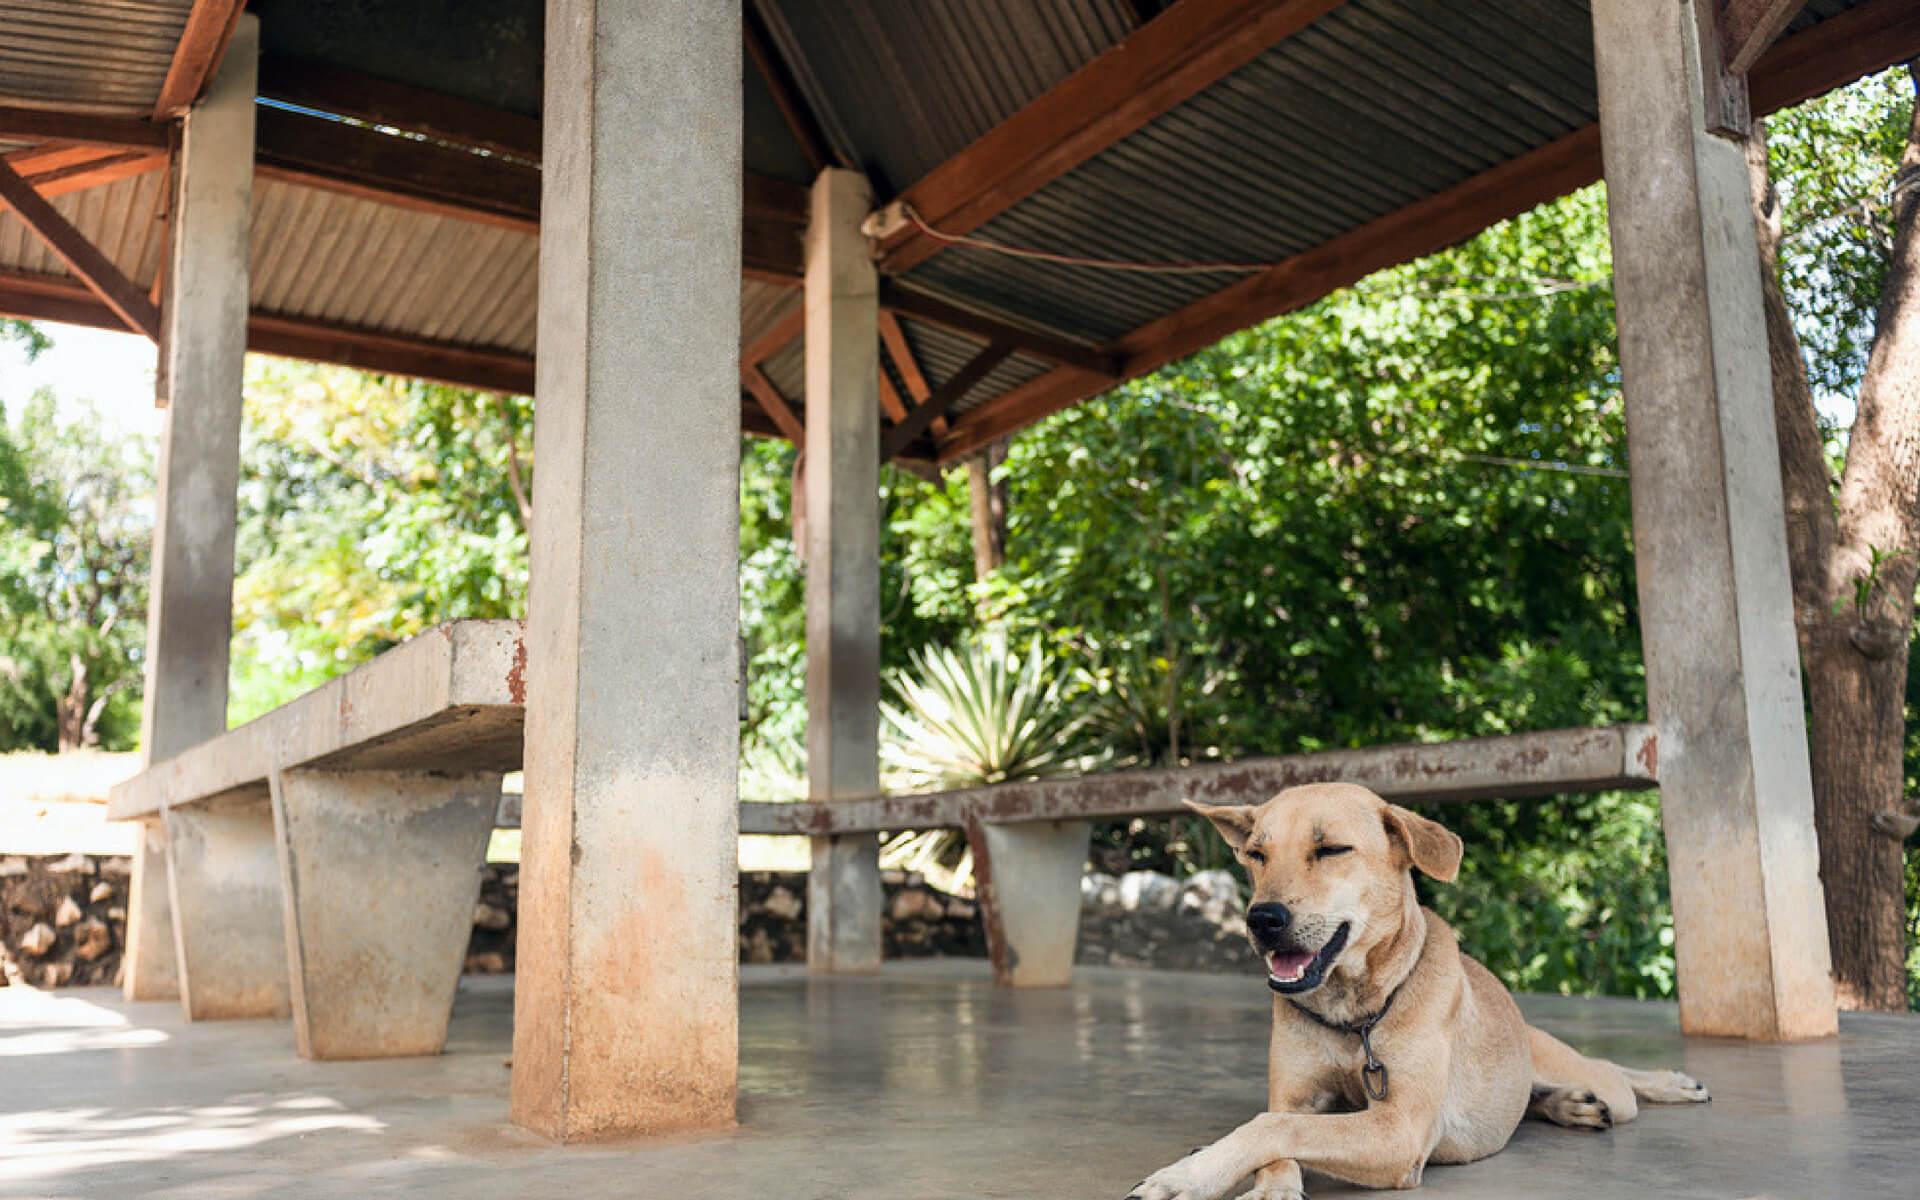 Creare una zona ombreggiata in giardino per proteggere il cane dal sole è fondamentale